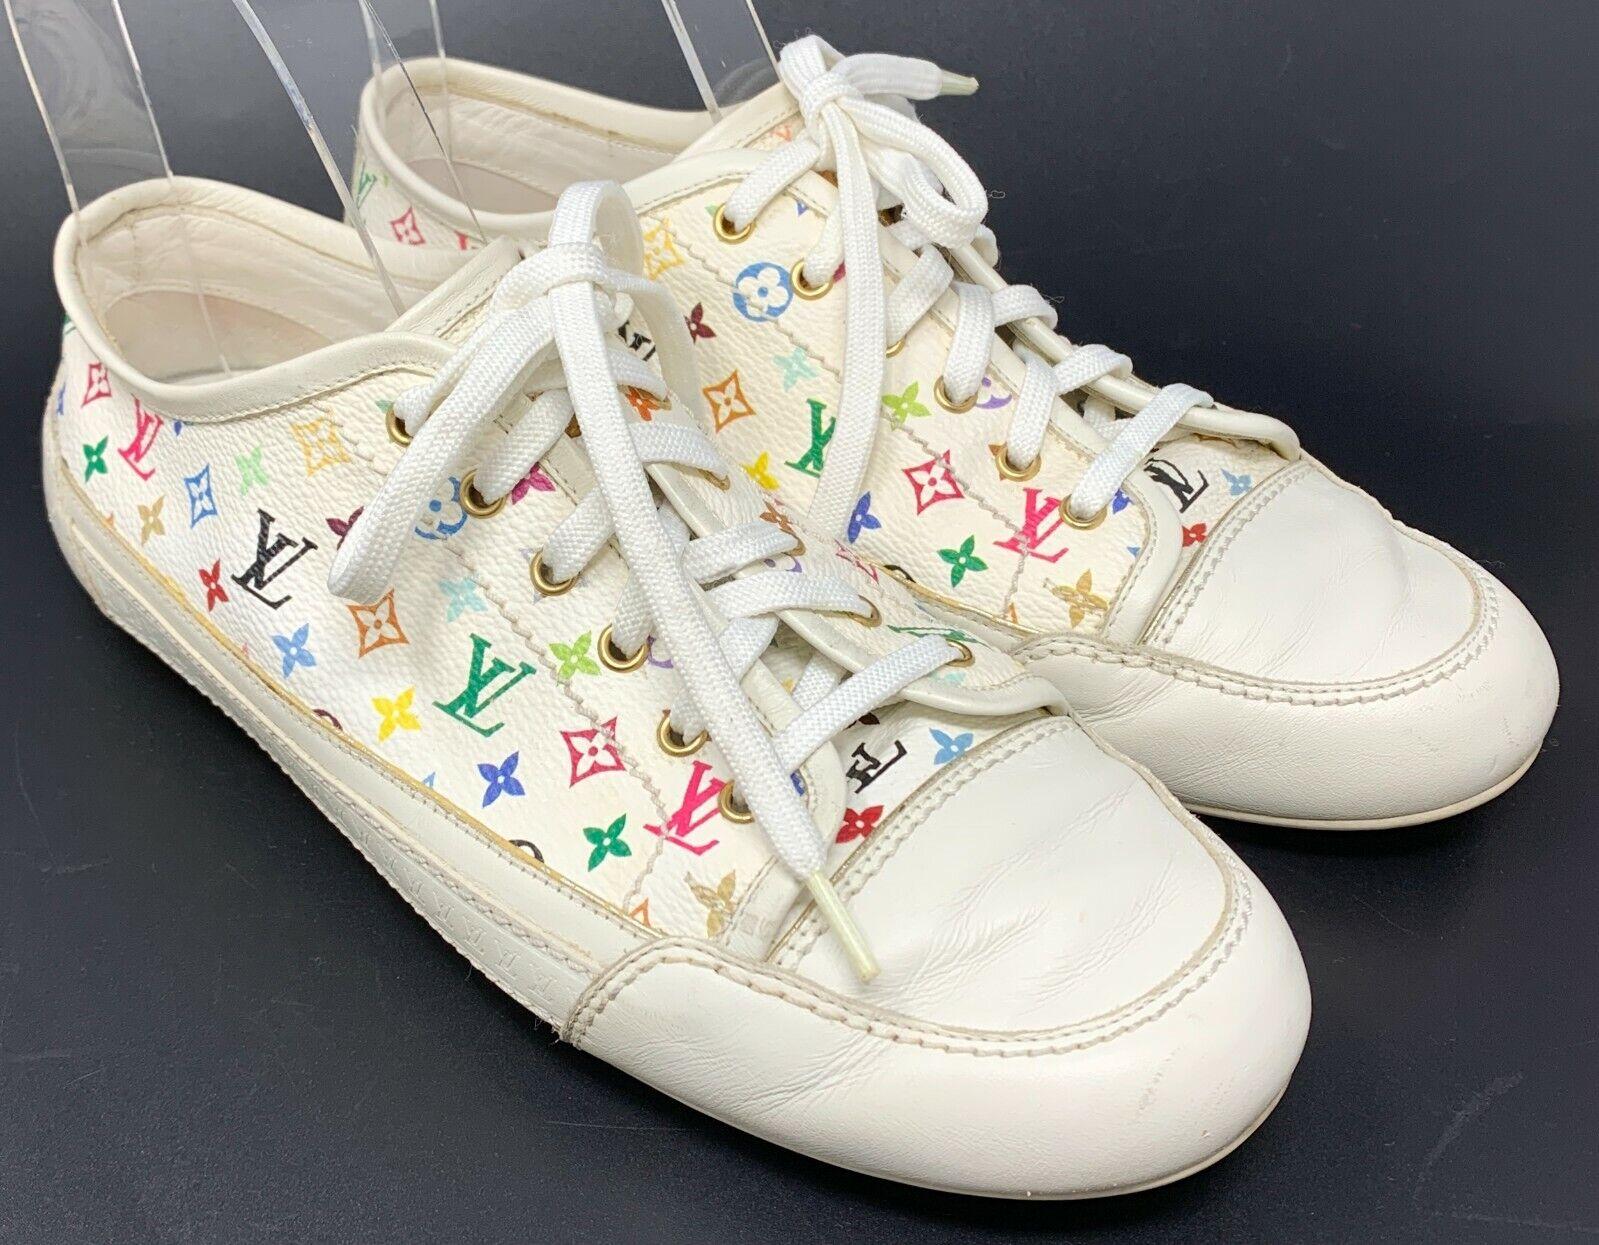 Authentique louis vuitton monogramme logo multicolore baskets #36.5 us 6.5 blanc